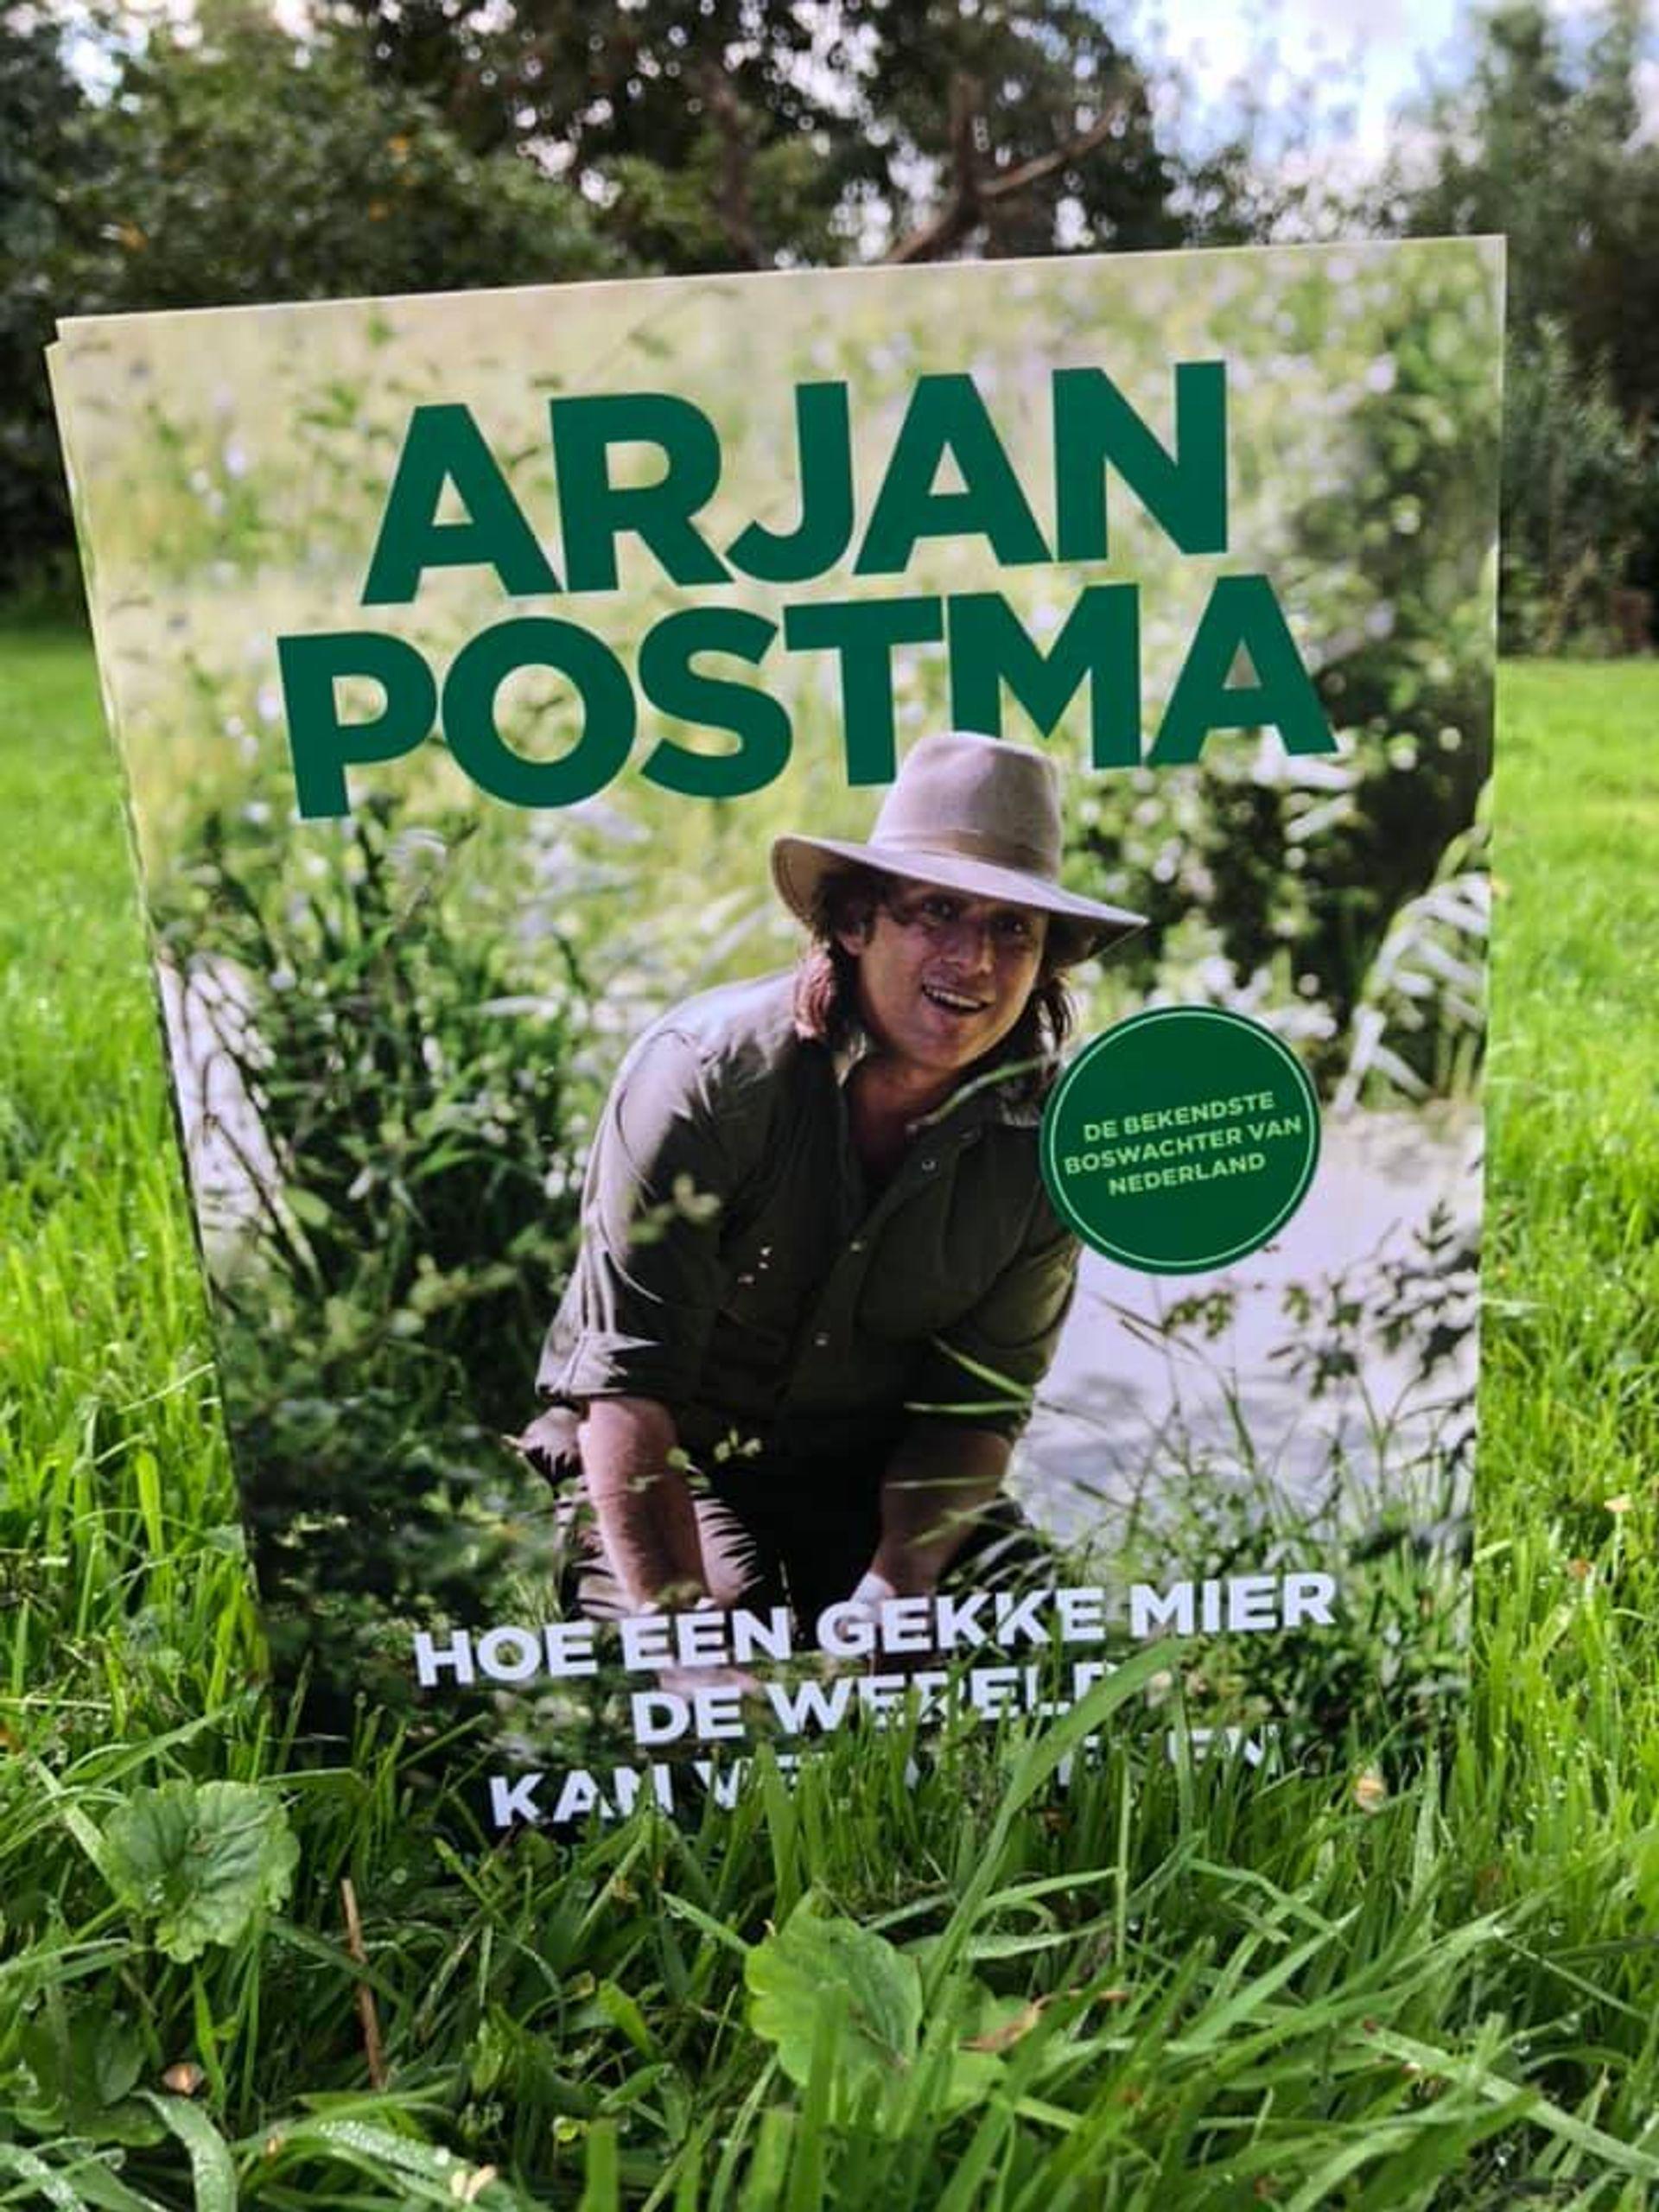 Arjan Postma vertelt hoe één gekke mier de wereld kan veranderen